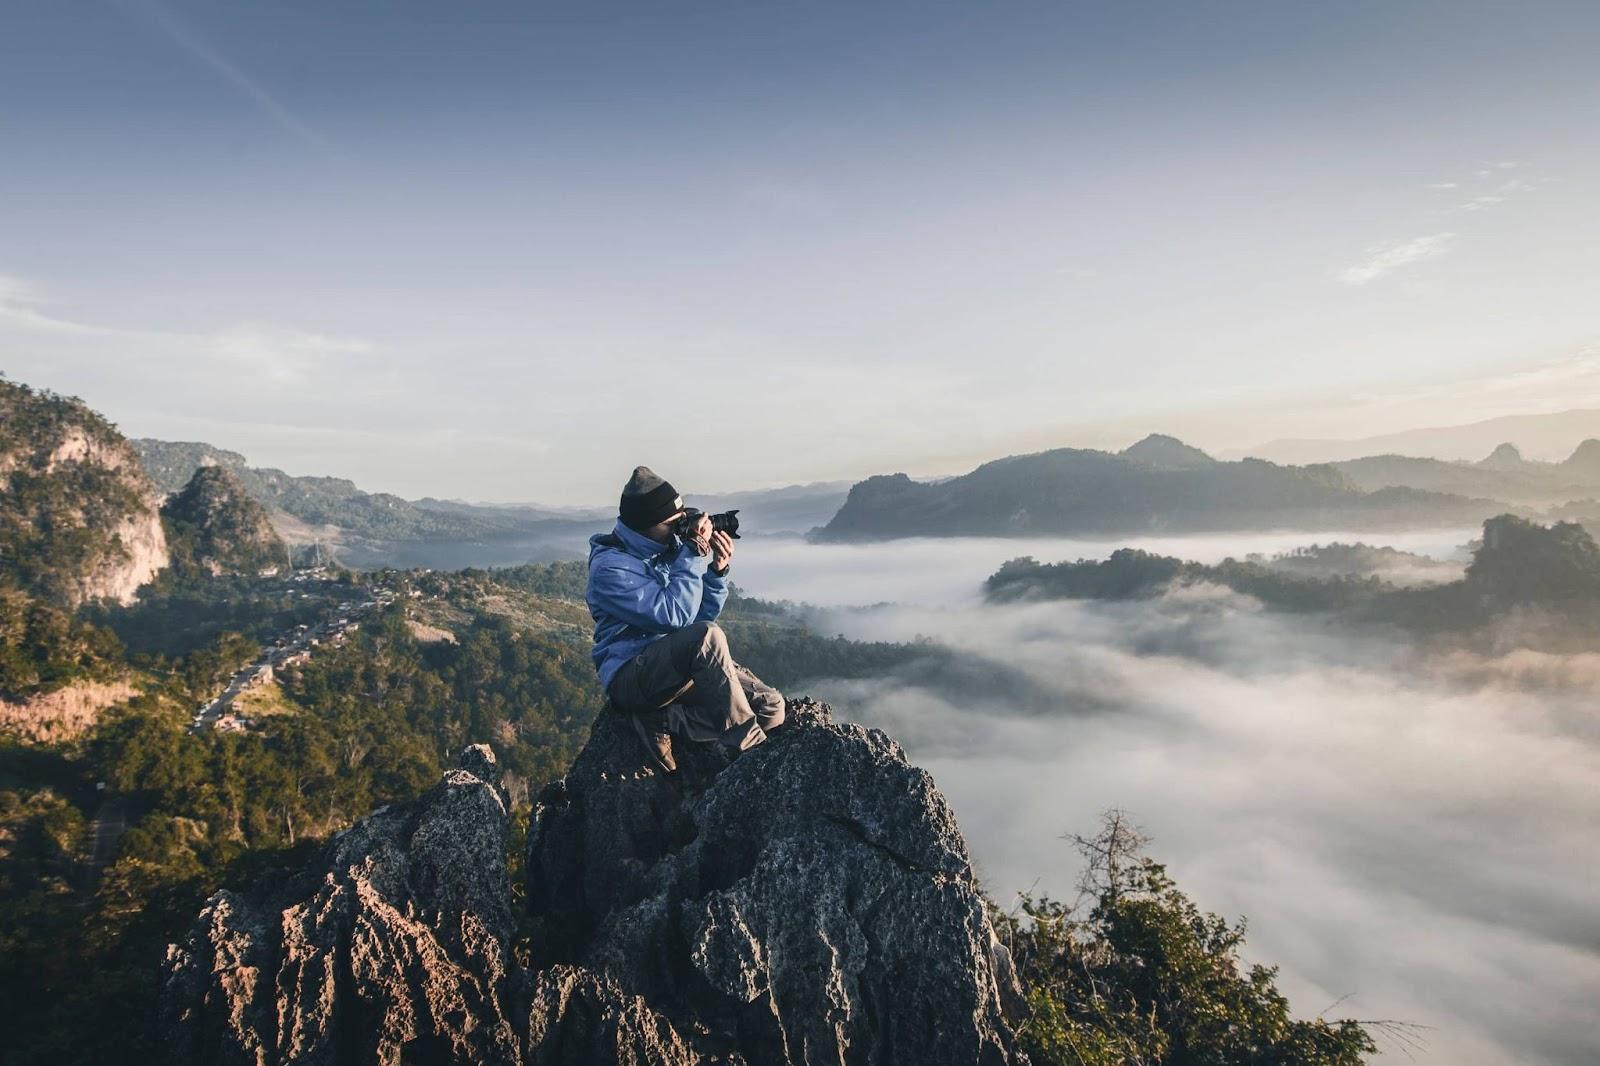 uomo-che-scatta-fotografia-su-montagna